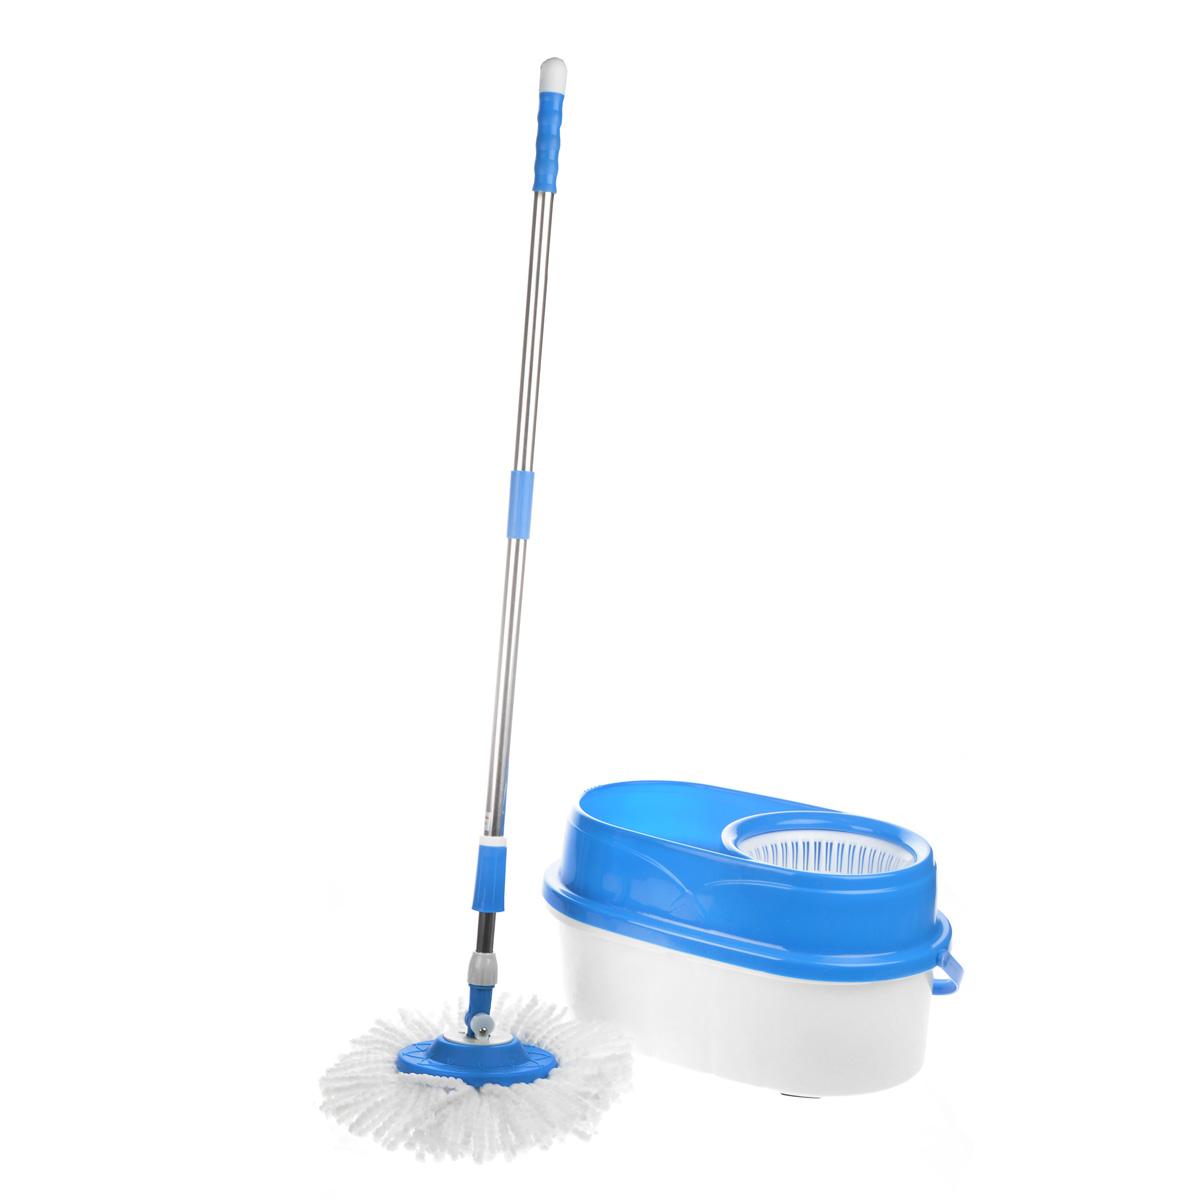 Набор для уборки Bradex: швабра-вертушка, ведро, цвет: голубой, белый. TD 0296TD 0296Набор для уборки Bradex состоит из швабры-вертушки, выполненной из микрофибры и нержавеющей стали, и пластикового ведра. Набор предназначен для мытья плиточных, деревянных полов, линолеума, стекол и автомобильного корпуса. Удобная в обращении, ручка швабры легко регулируется под любой рост и избавит вас от необходимости постоянно нагибаться к полу. Швабра имеет систему полоскания и отжима. Плоская насадка для швабры позволяет делать уборку в труднодоступных местах. В комплект к швабре-вертушке прилагается: - компактное, но вместительное ведро, обладающее функцией центрифуги, которая позволяет быстро отжать швабру, не пачкая рук. Также в основании ведра находится приспособление для легкого и комфортного полоскания швабры и отверстия для слива. - 2 крутящиеся насадки из микрофибры, обеспечивающие отличное впитывание грязи и жидкости во время уборки. При необходимости насадки можно стирать в стиральной машине (в бережном режиме при температуре не более...